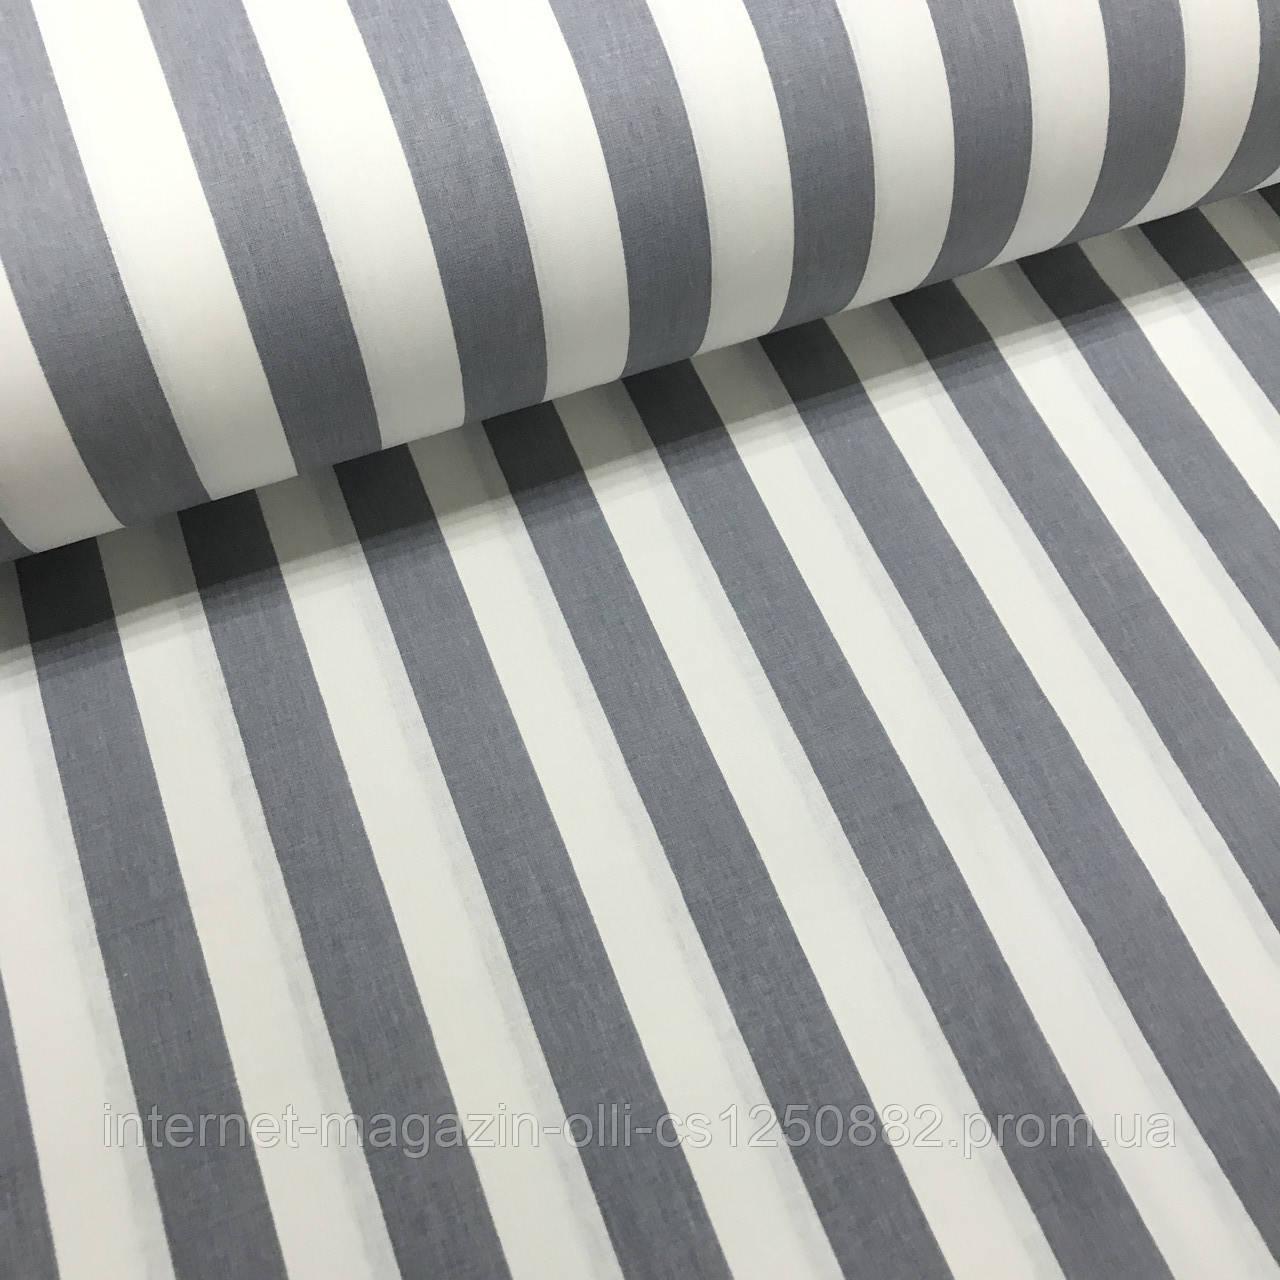 Хлопковая ткань (ТУРЦИЯ шир. 2,4 м) полоска графитовая 20мм